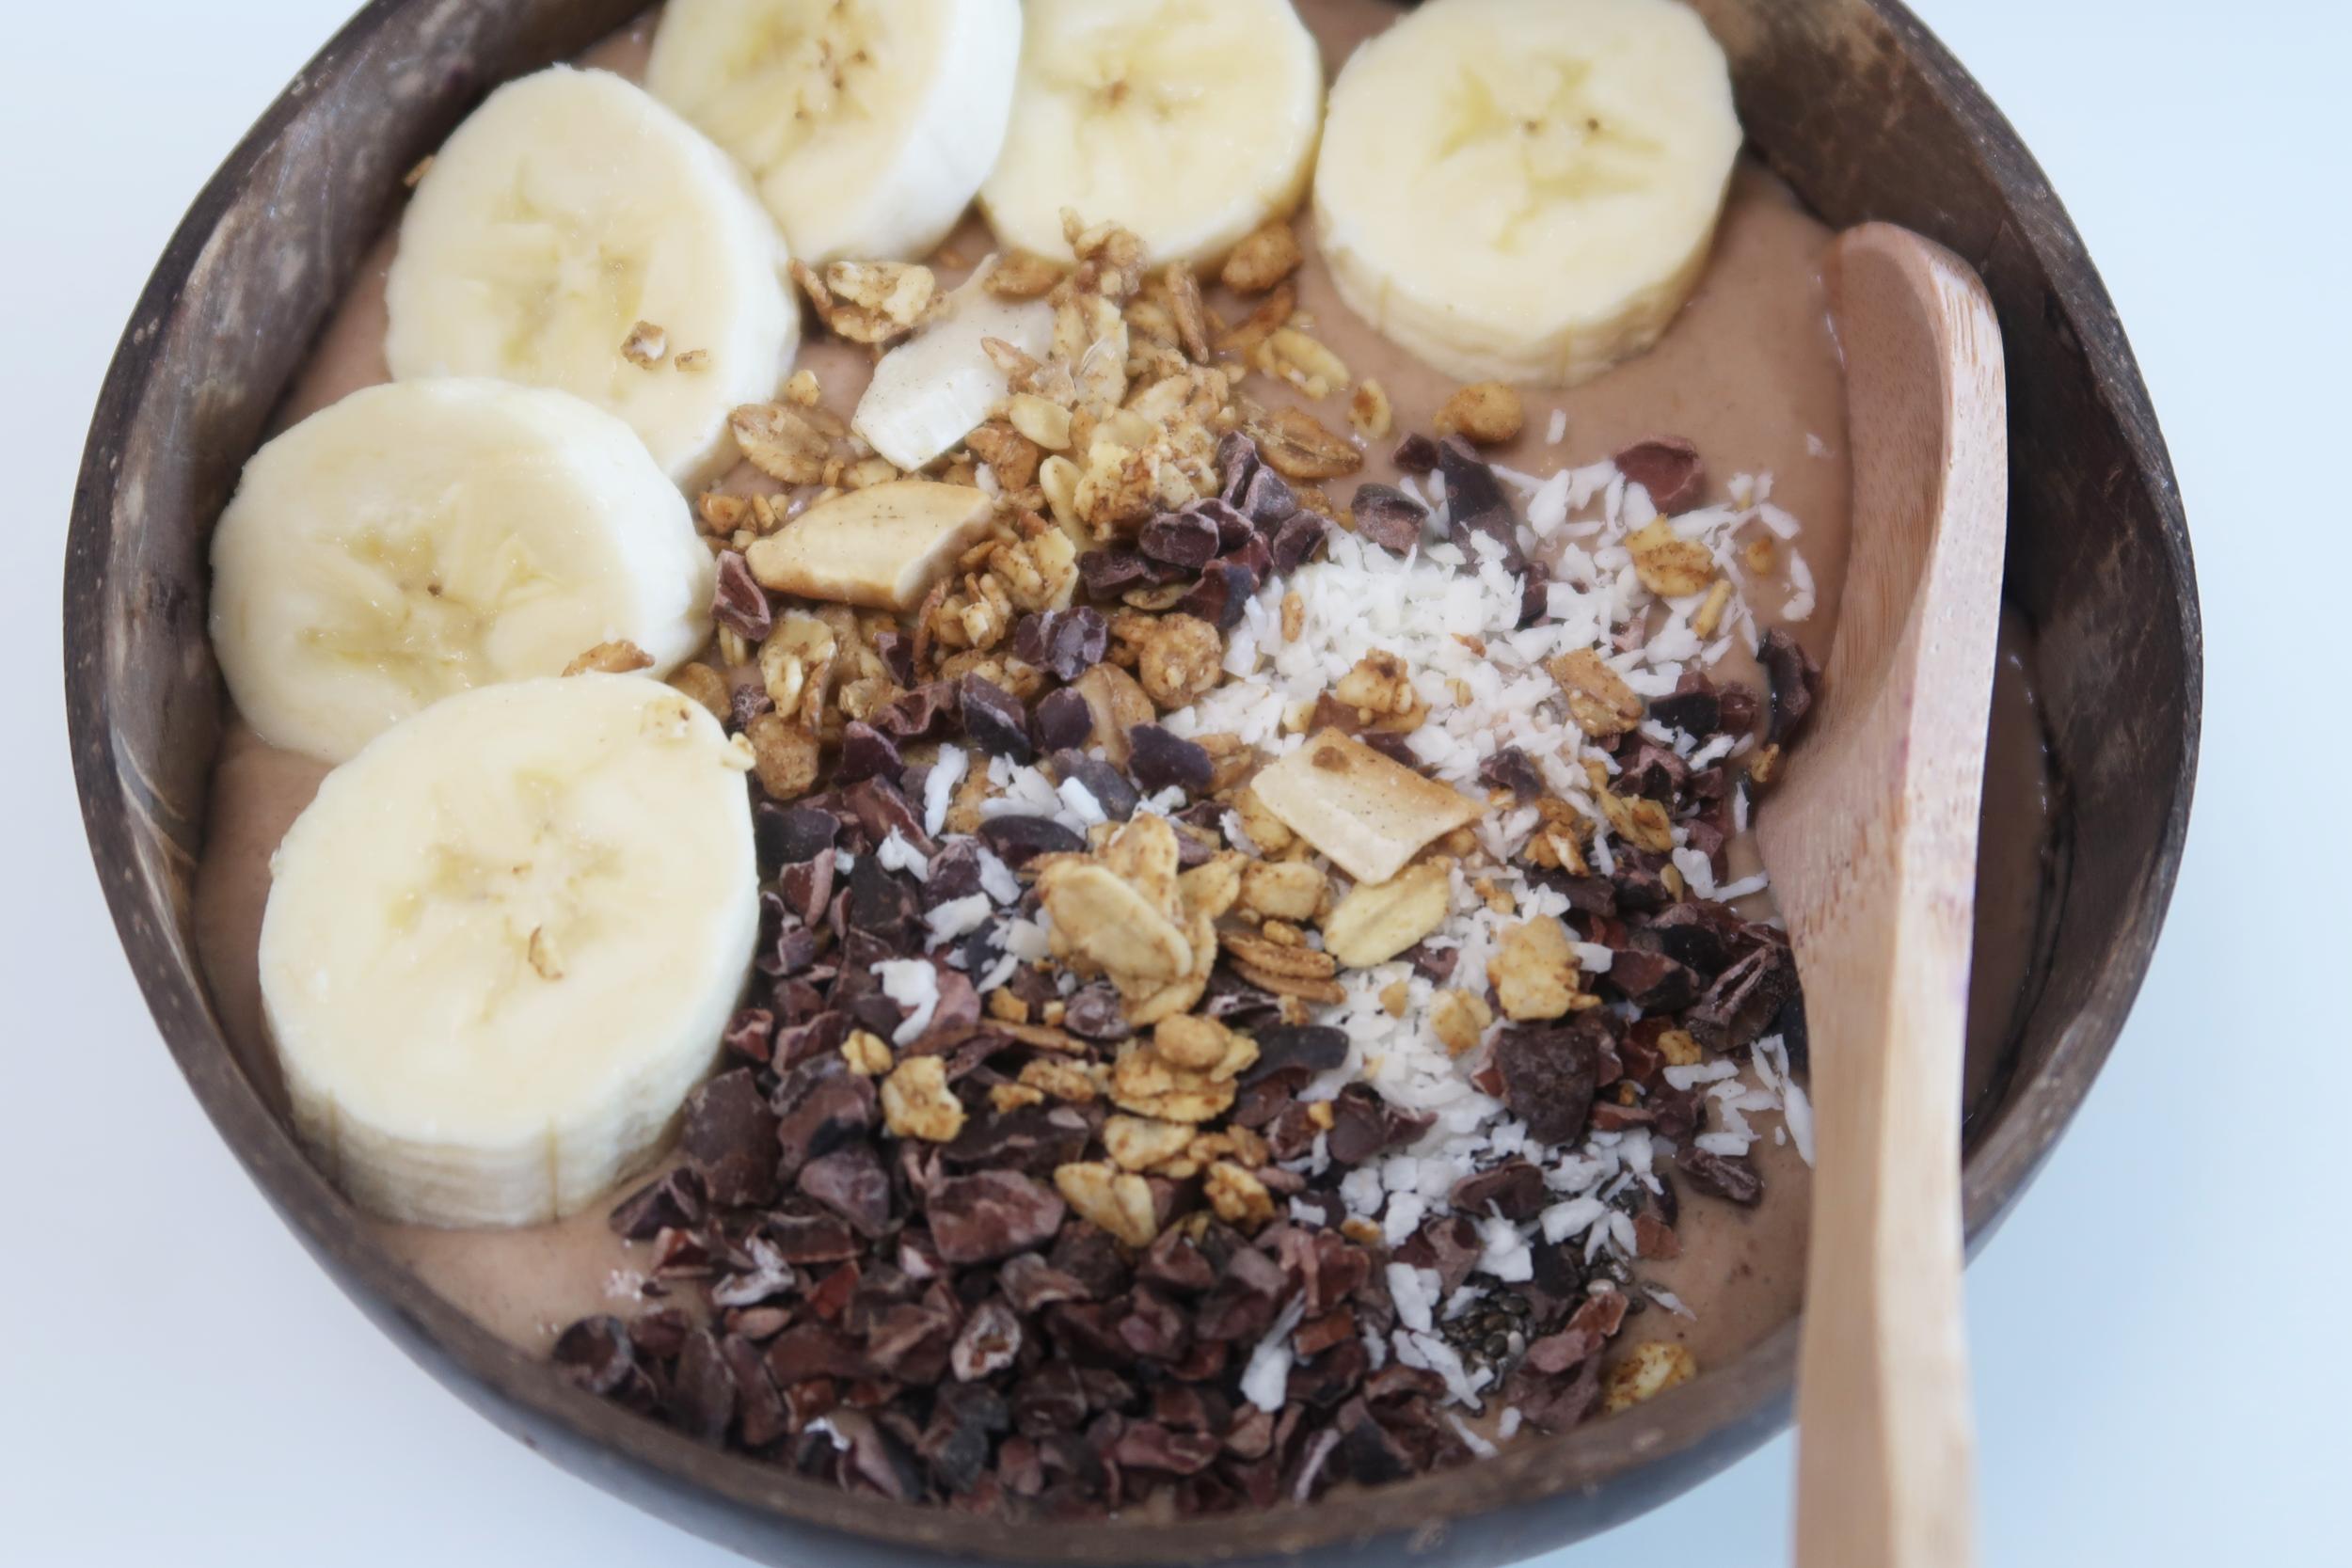 Bananglass med smak av choklad och jordnötssmör